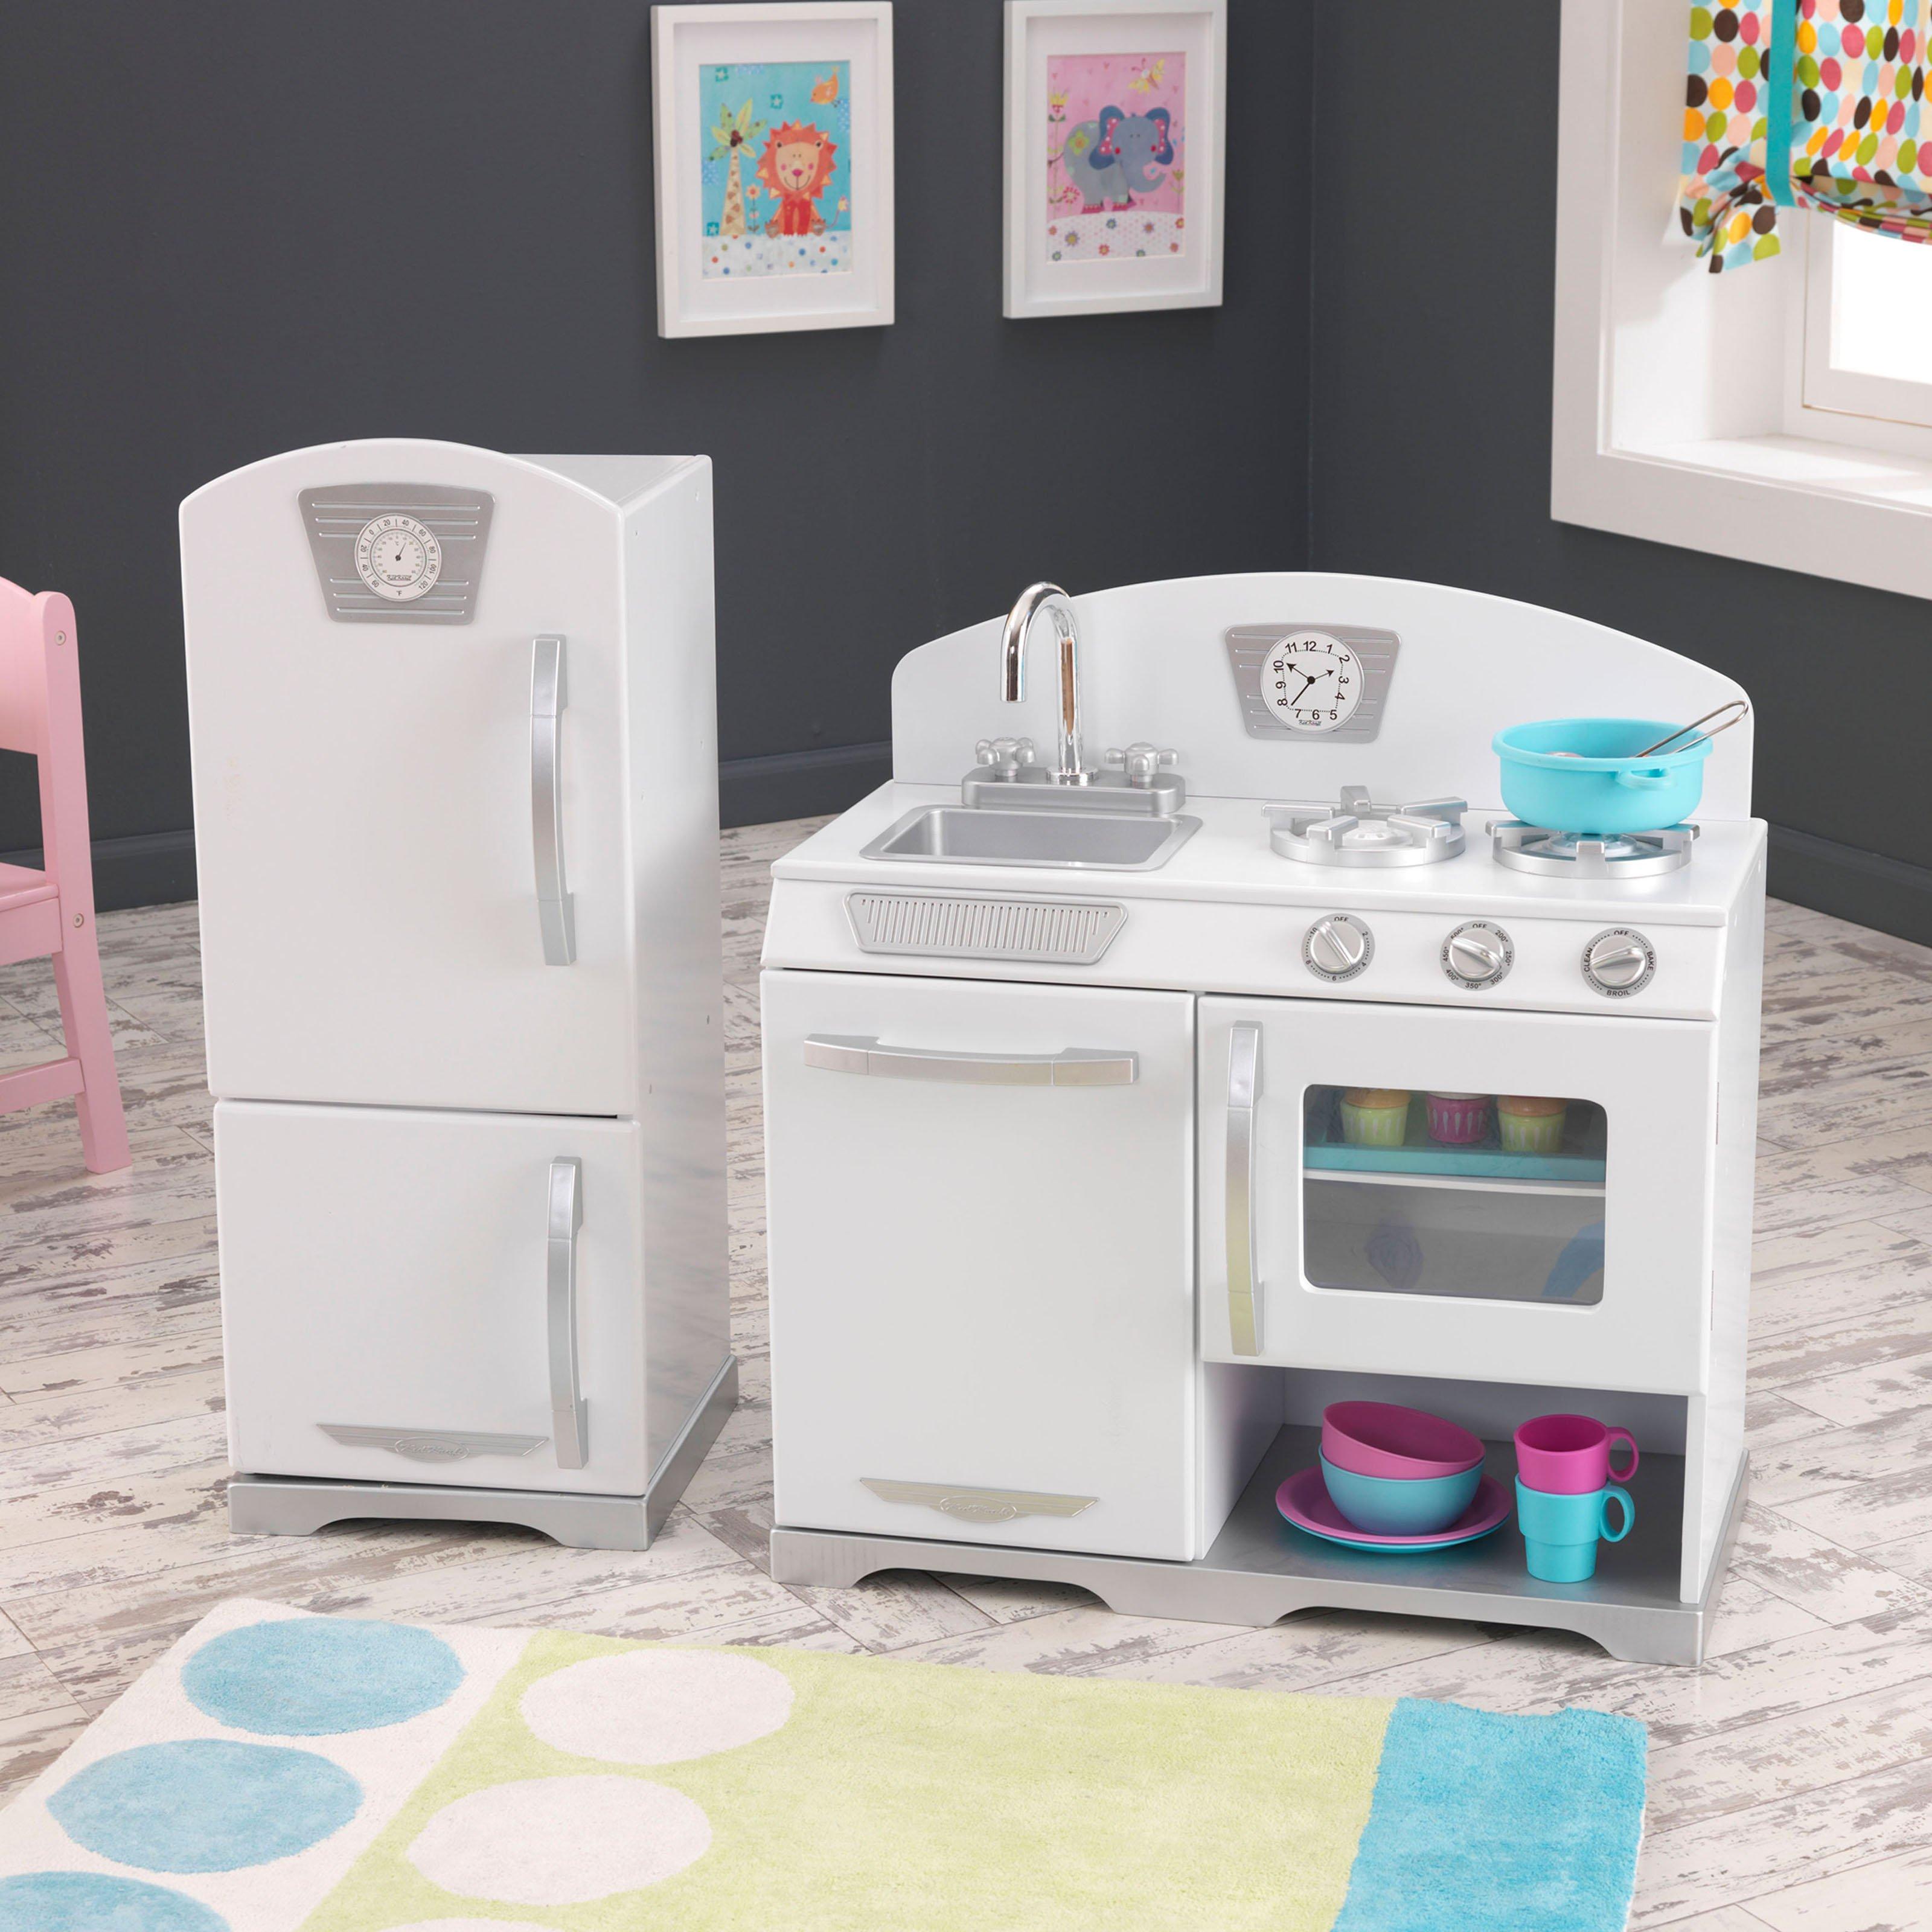 Kidkraft Kitchen White kidkraft kitchens